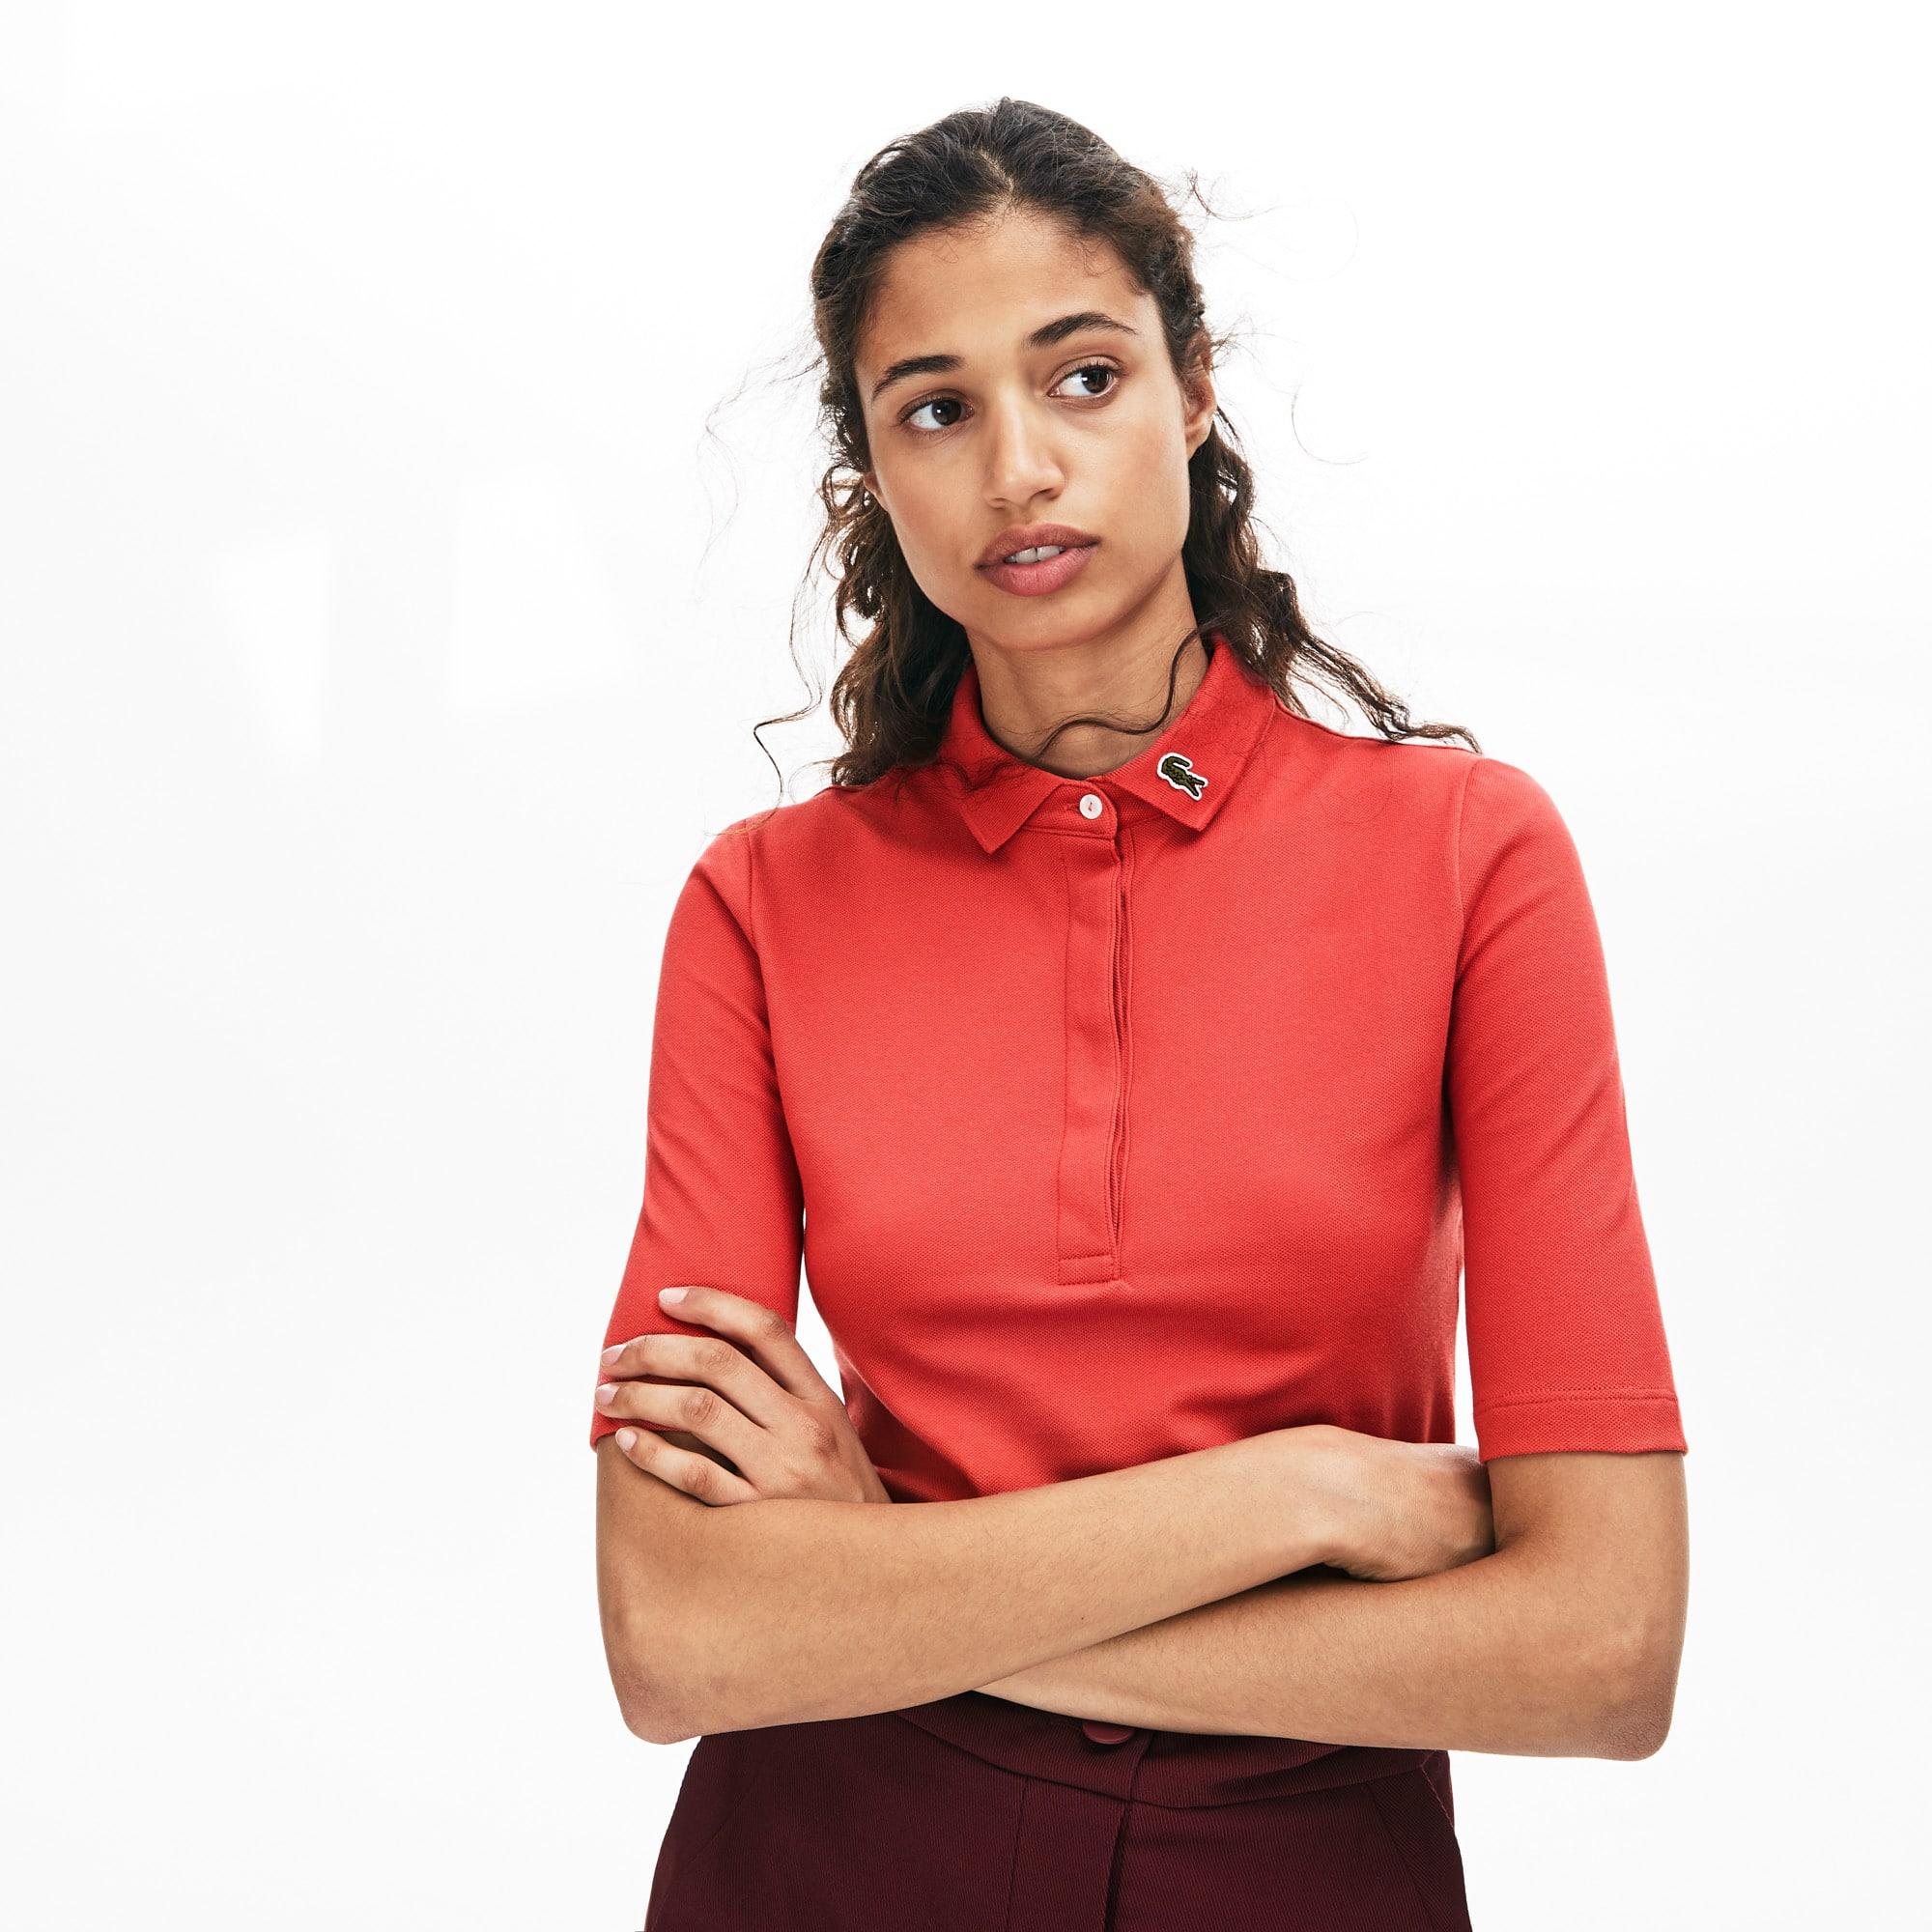 Lacoste Tops Women's Slim Fit Cotton Piqué Polo Shirt